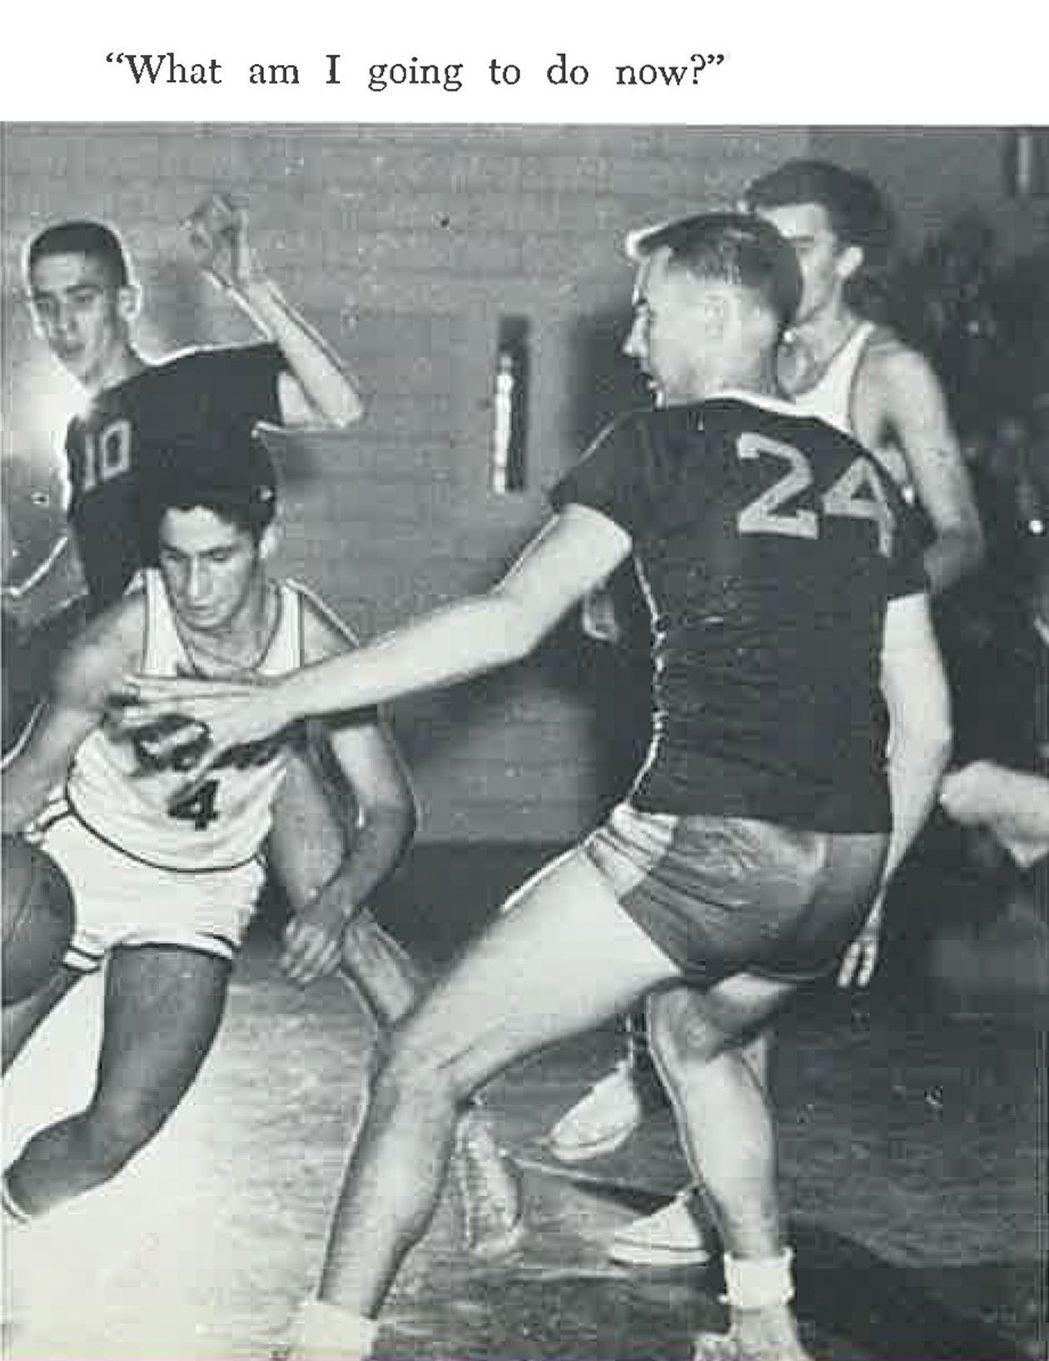 佛奇(圖左運球)在1958年畢業紀念冊的照片。圖片取自里吉斯高中